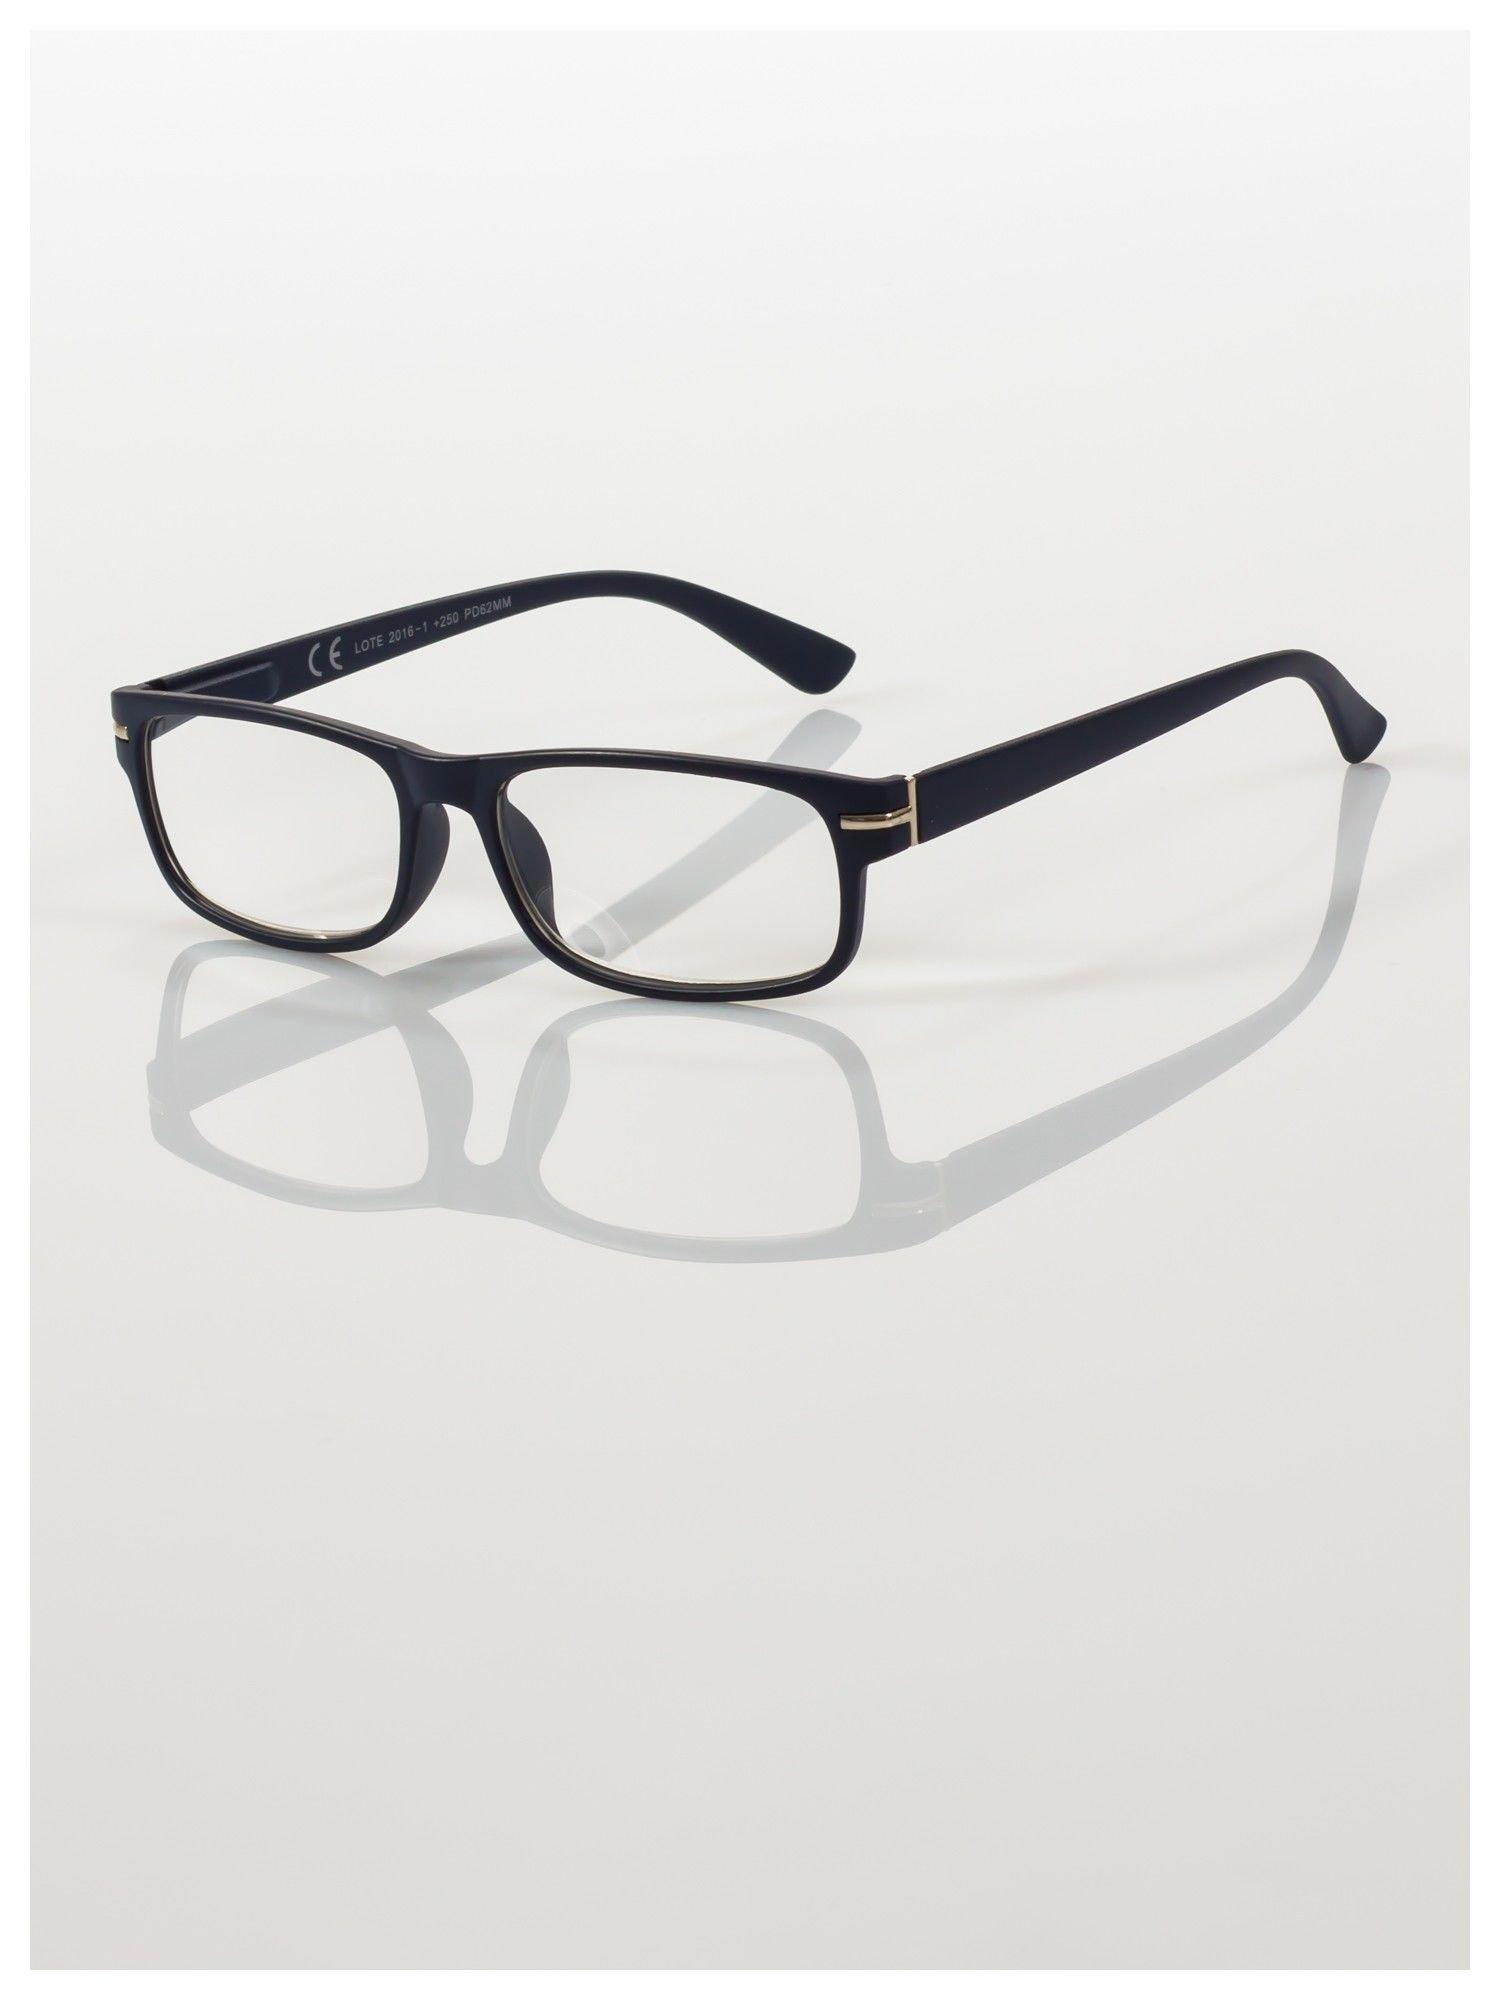 Eleganckie granatowe matowe korekcyjne okulary do czytania +3.5 D  z sytemem FLEX na zausznikach                                  zdj.                                  1